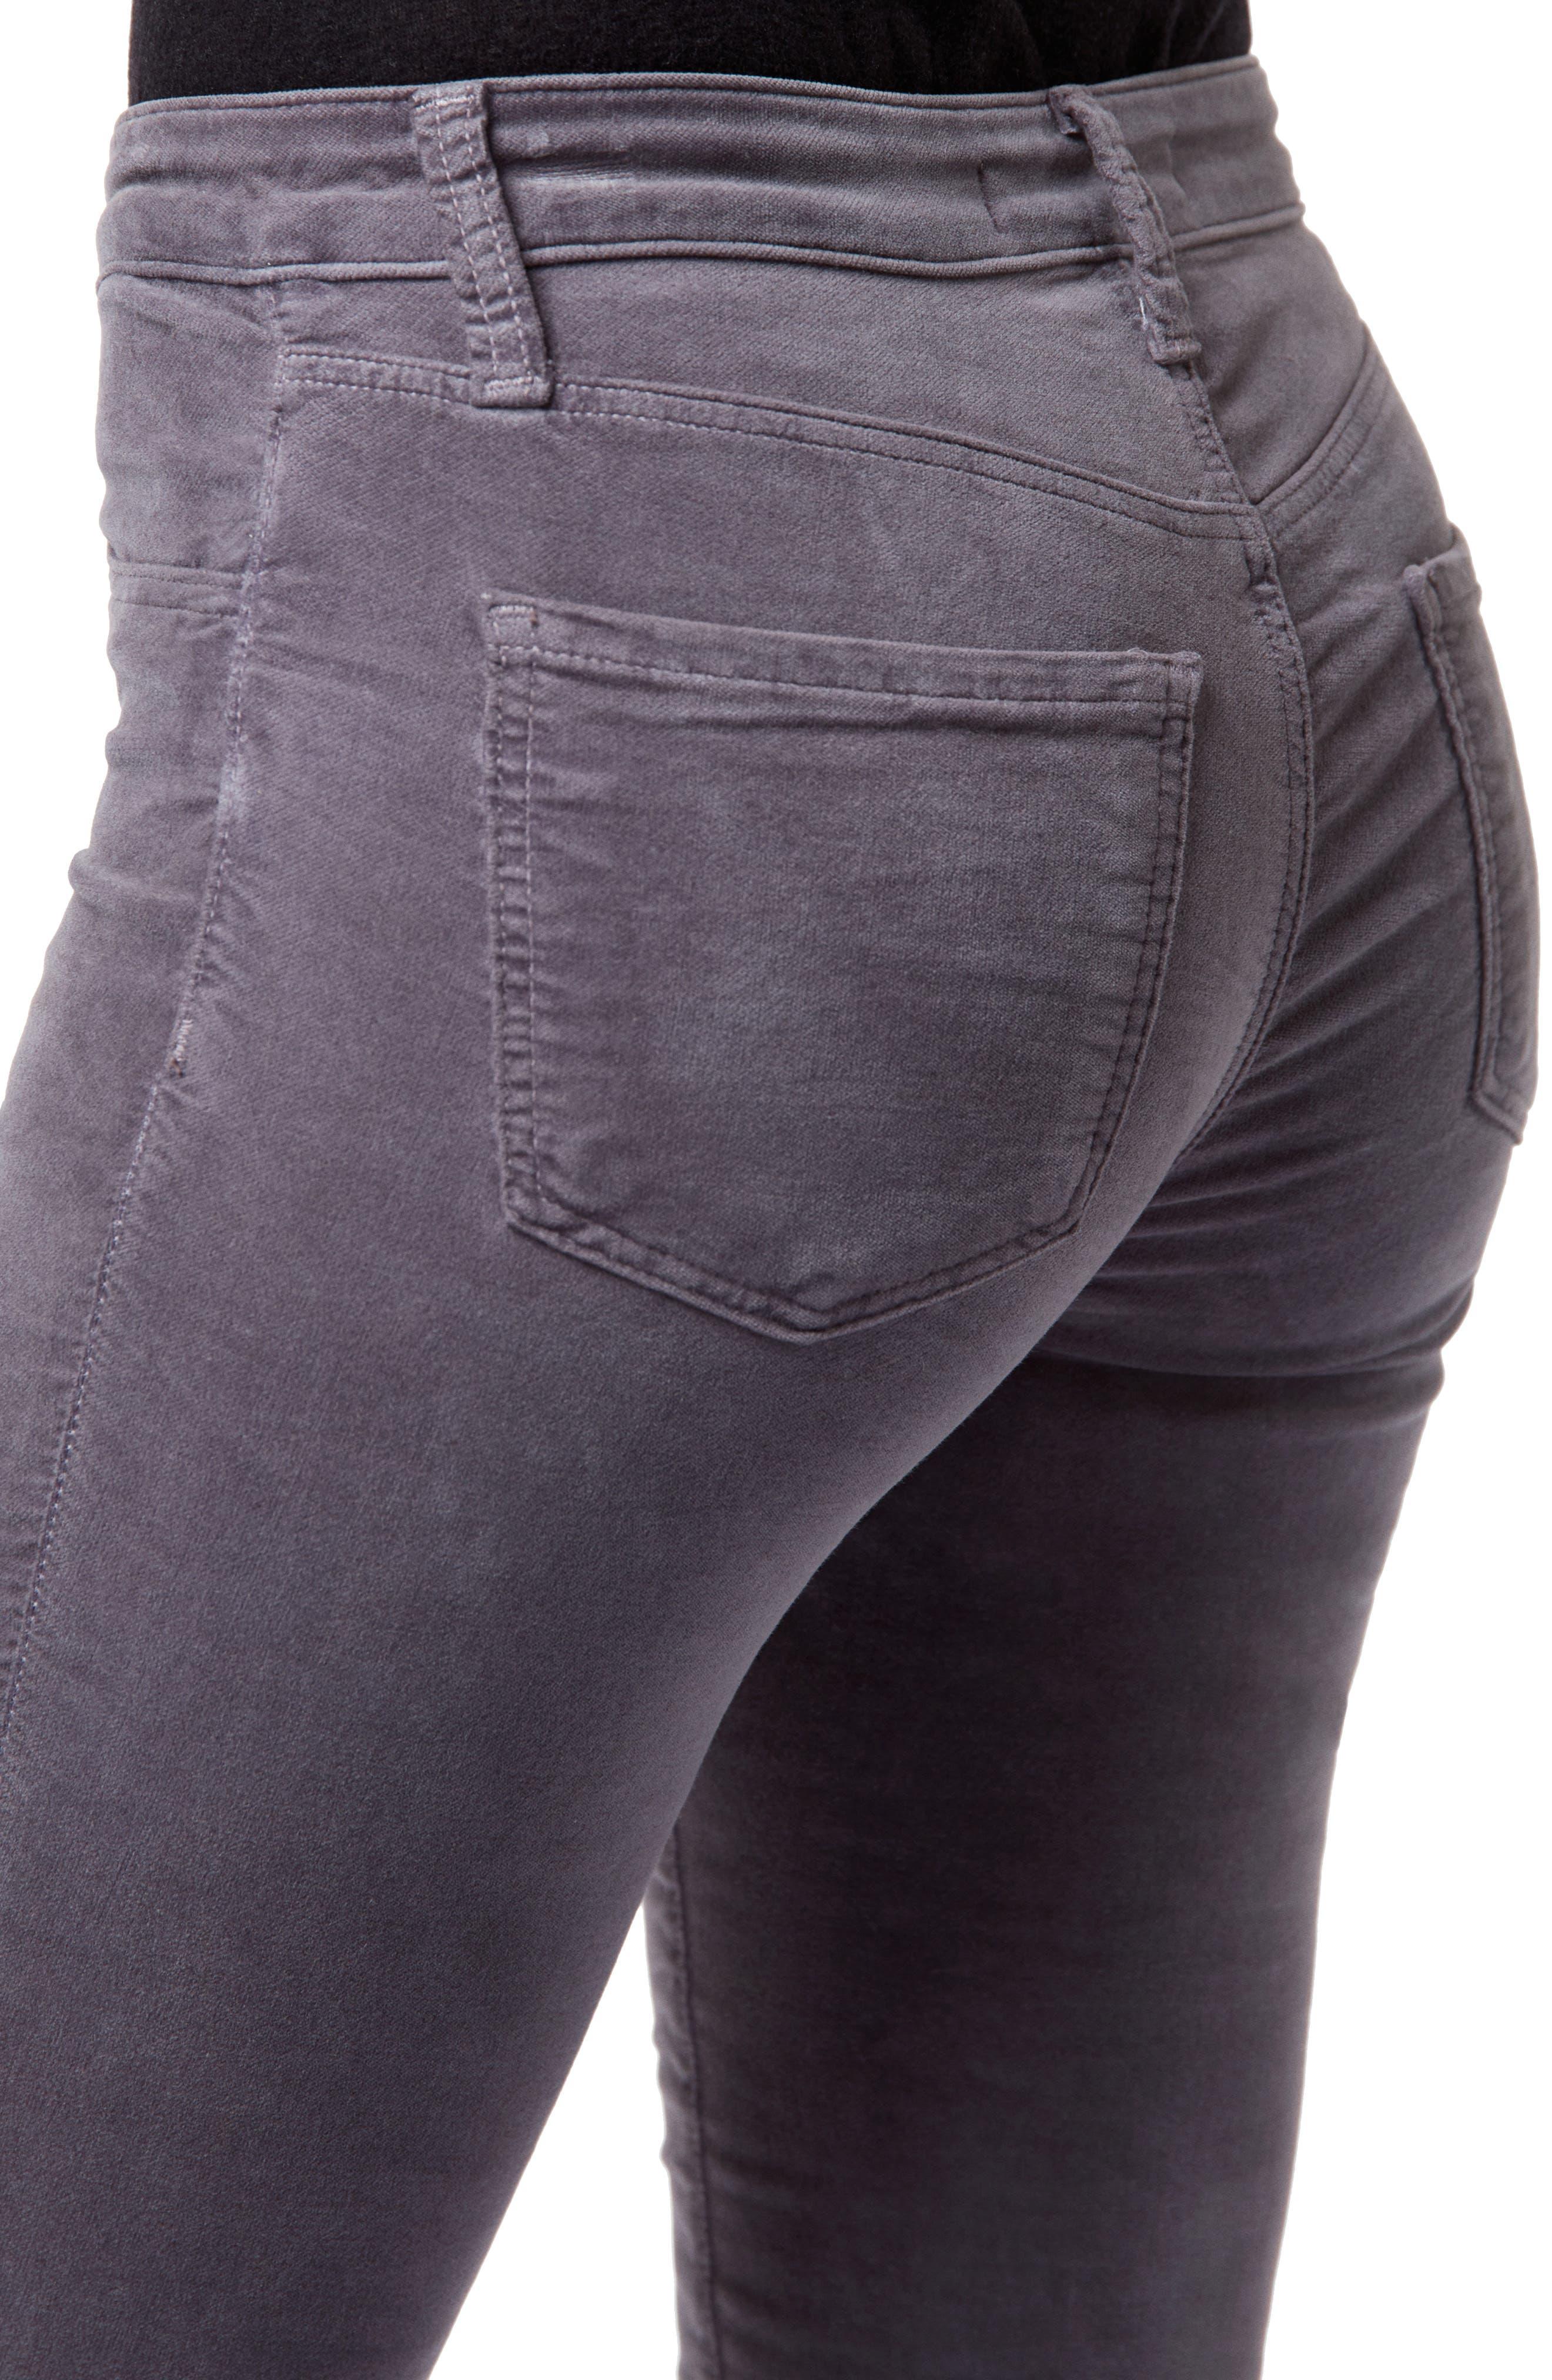 '815' Mid Rise Velveteen Super Skinny Jeans,                             Alternate thumbnail 4, color,                             030